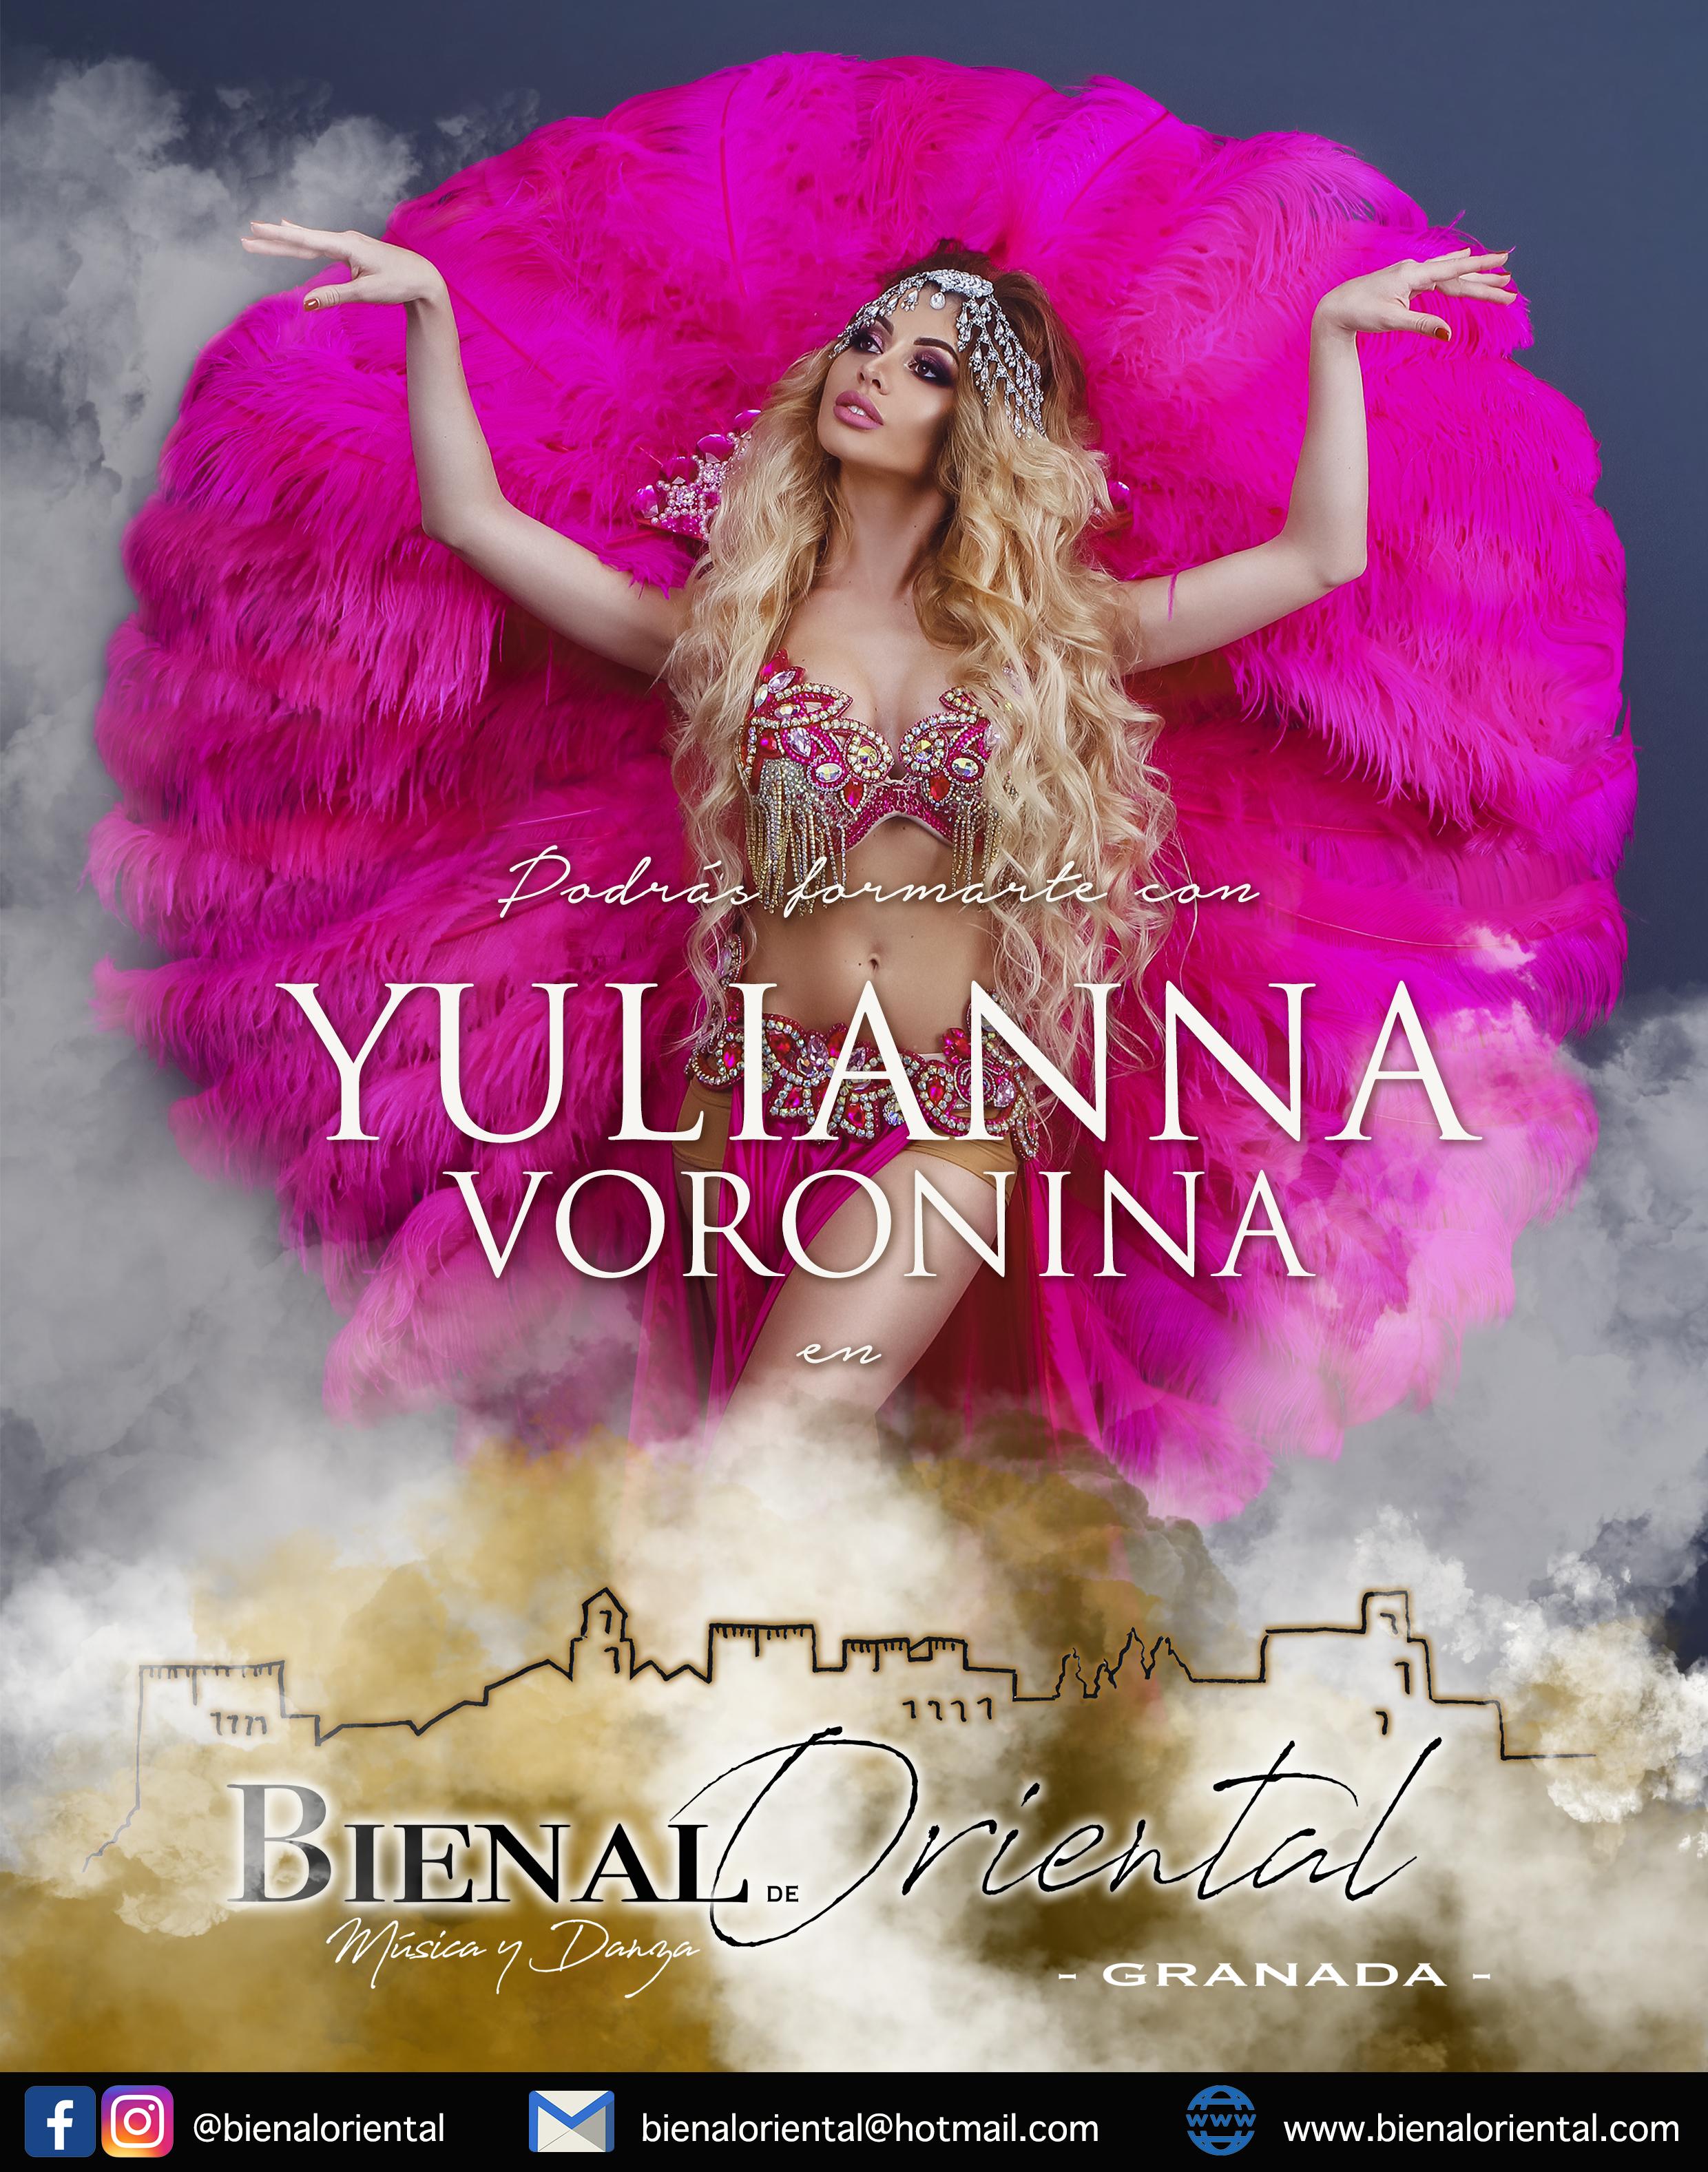 YULIANNA VORONINA - UCRANIA